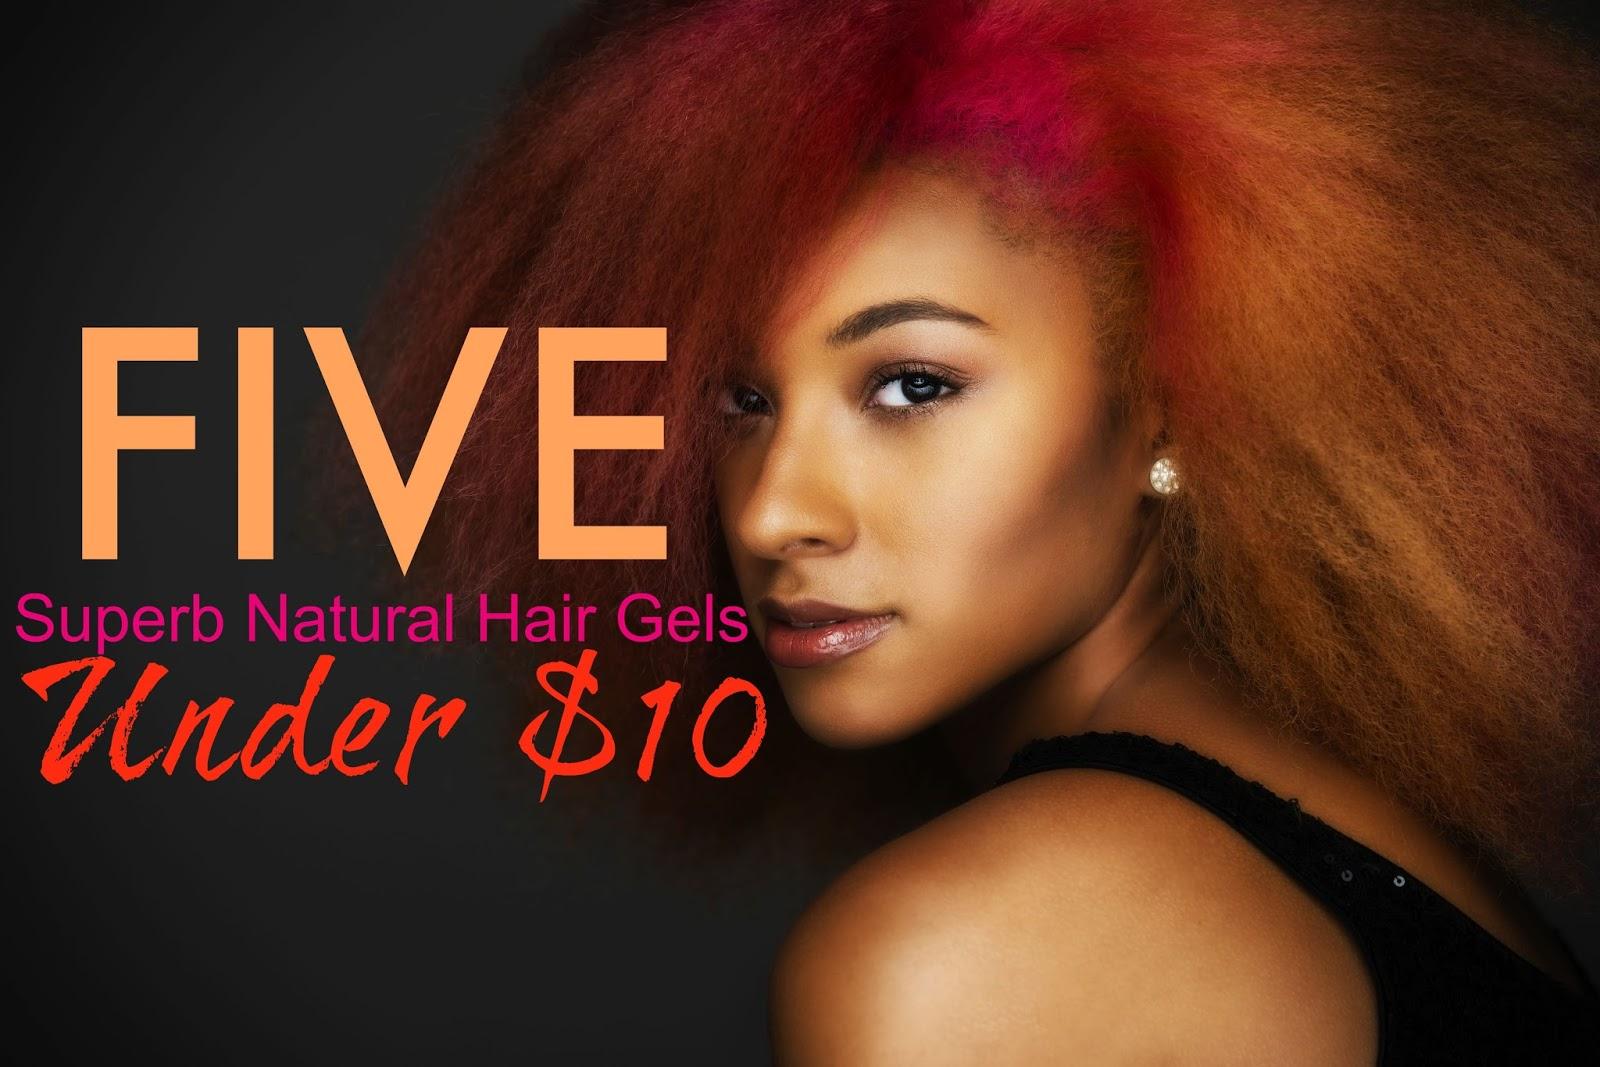 5 Superb Natural Hair Gels Under $10